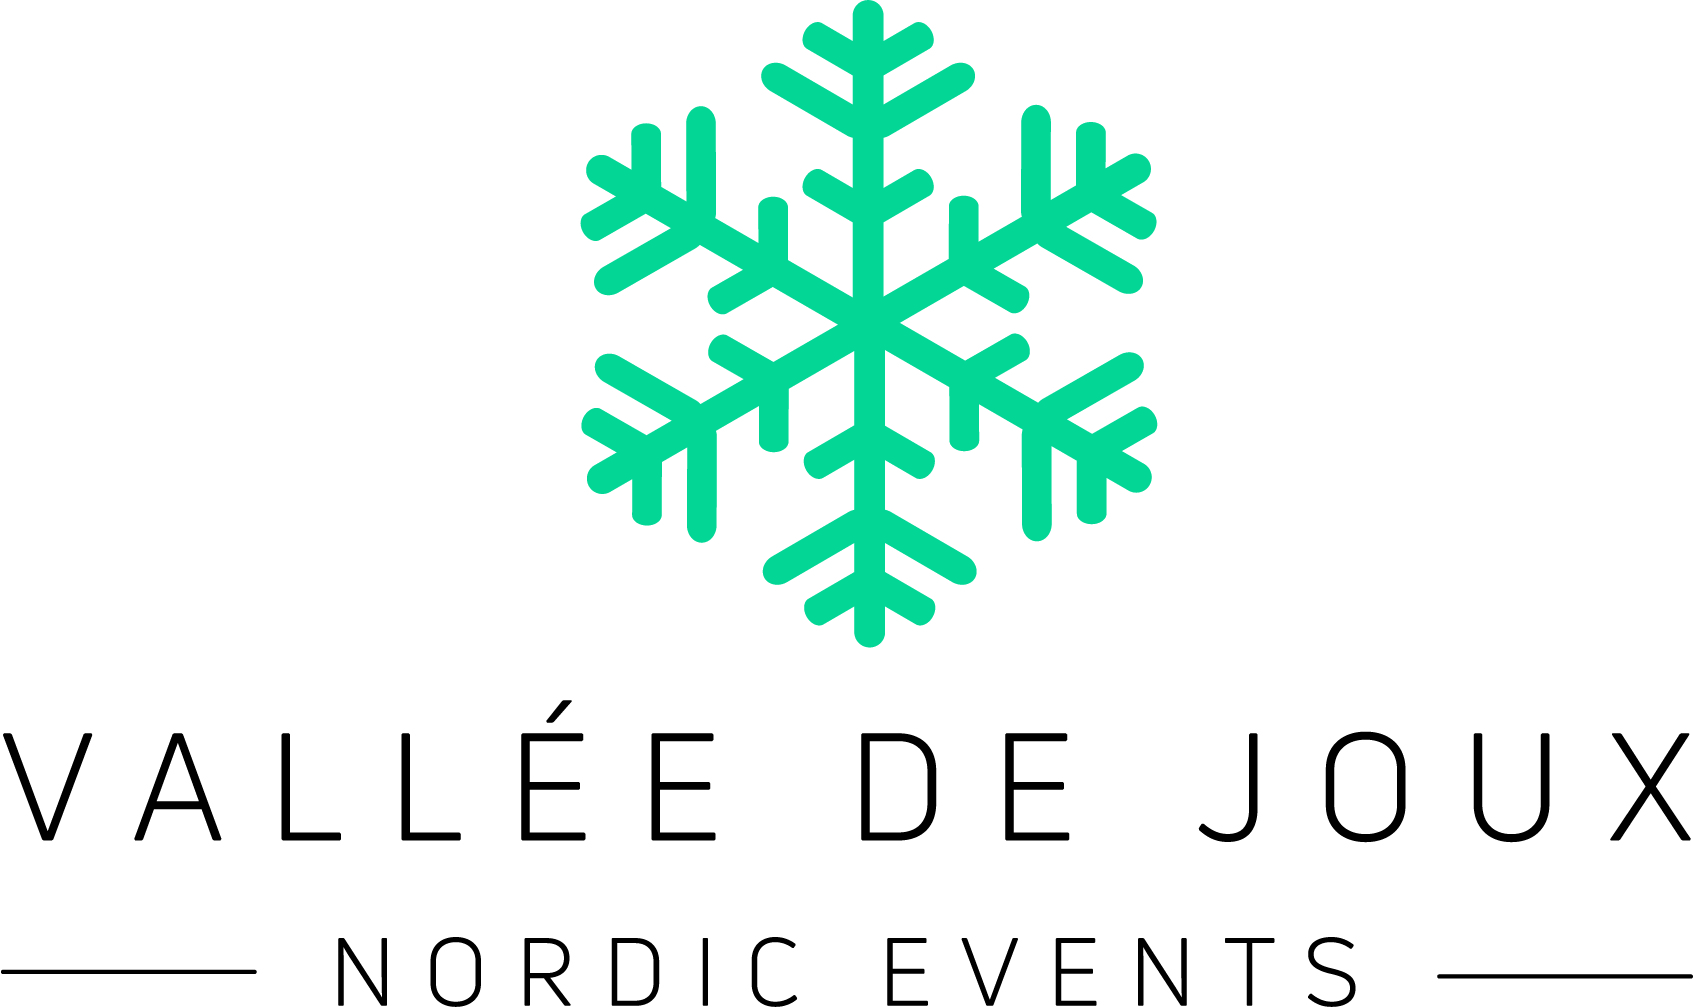 Vallée de Joux Nordic Events